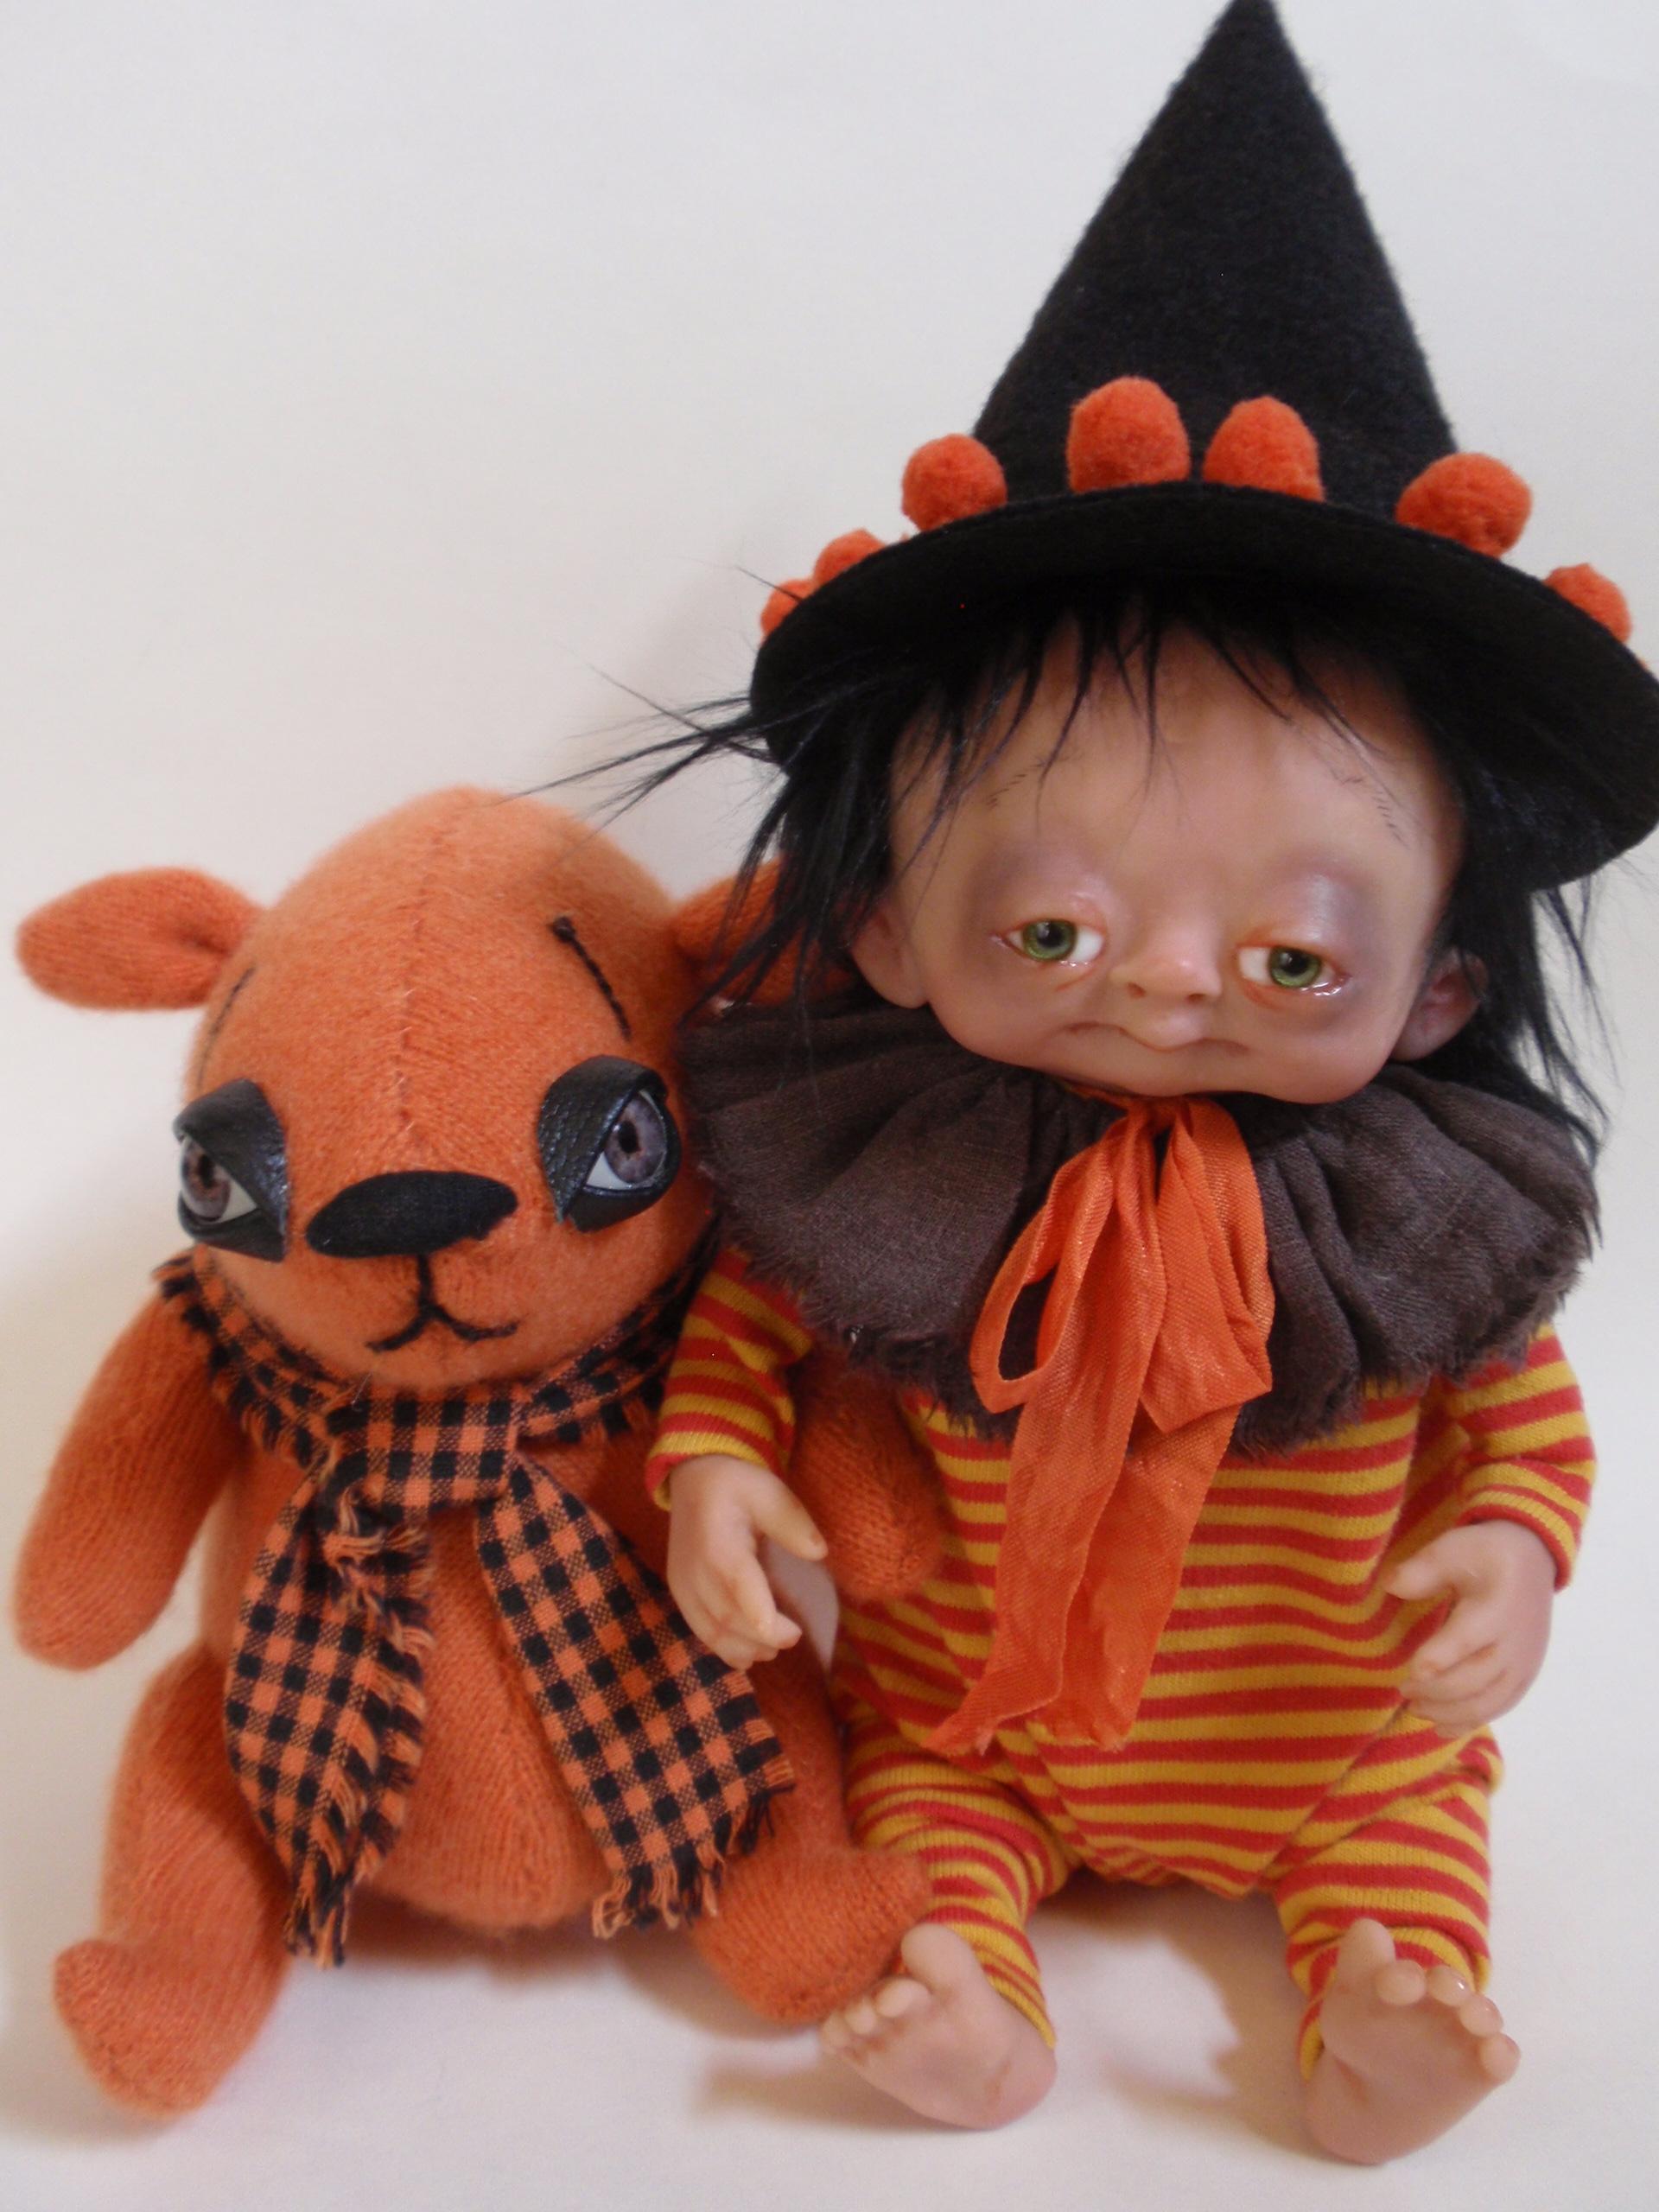 Tangerine and Max - Denise Bledsoe